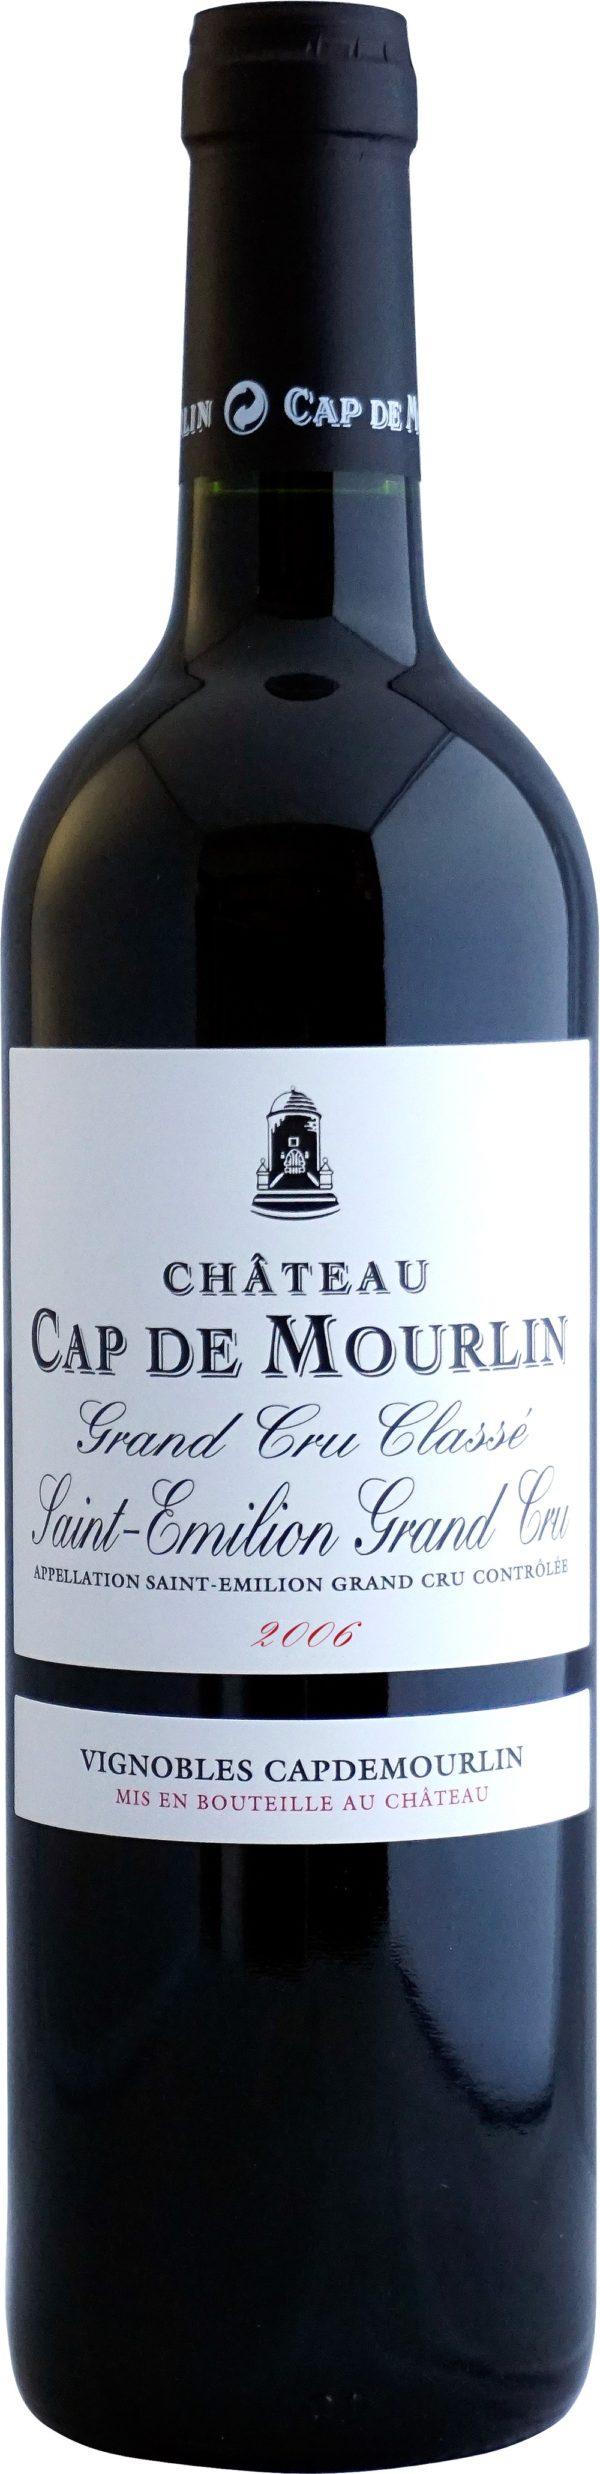 Château Cap De Mourlin 2006